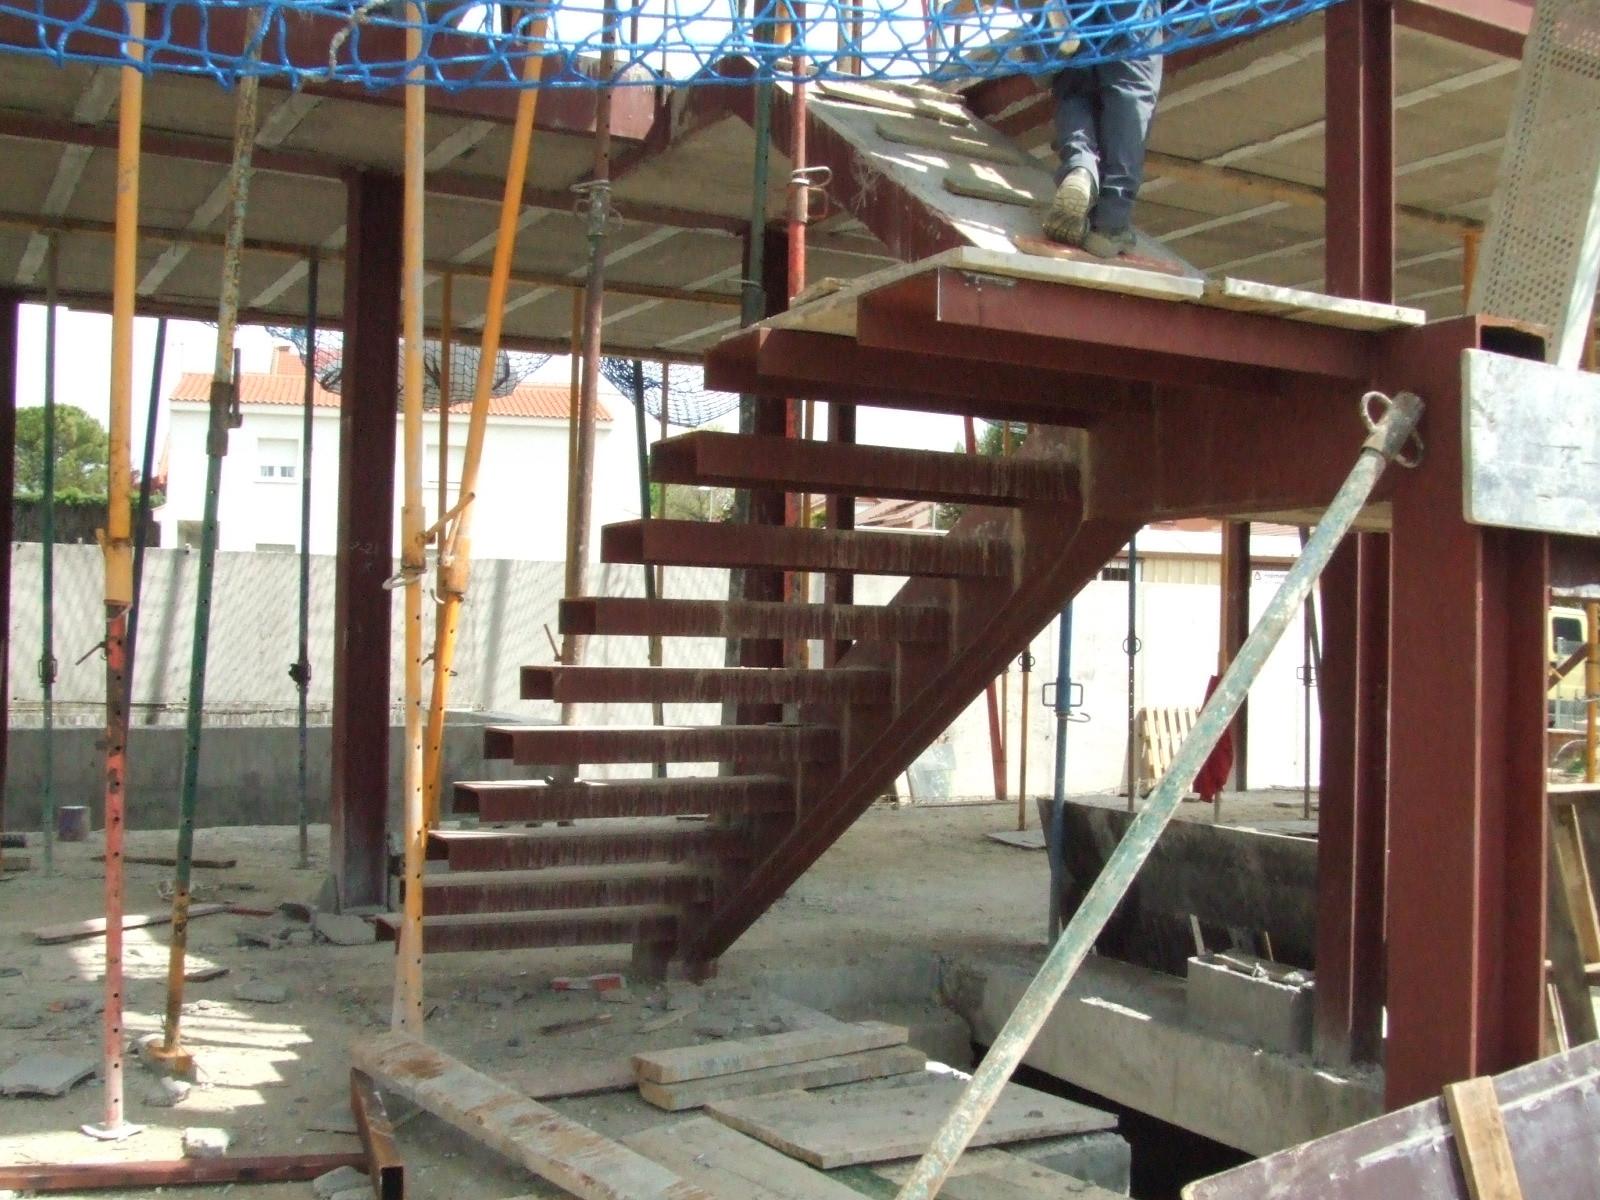 Estructuras metalicas para viviendas introduccin with - Estructura metalica vivienda ...